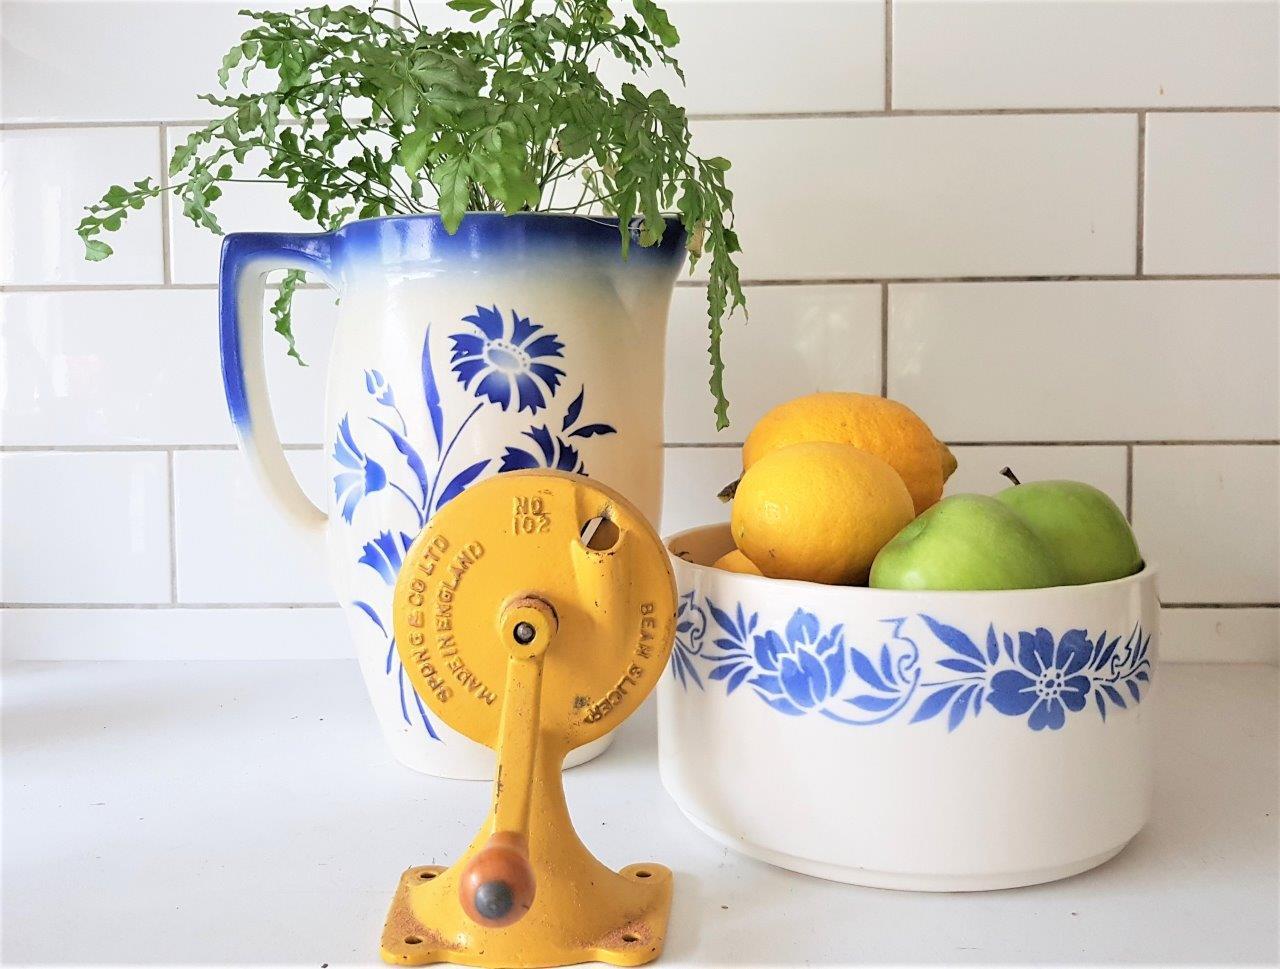 קנקן קרמיקה לבן עם פרחים כחולים